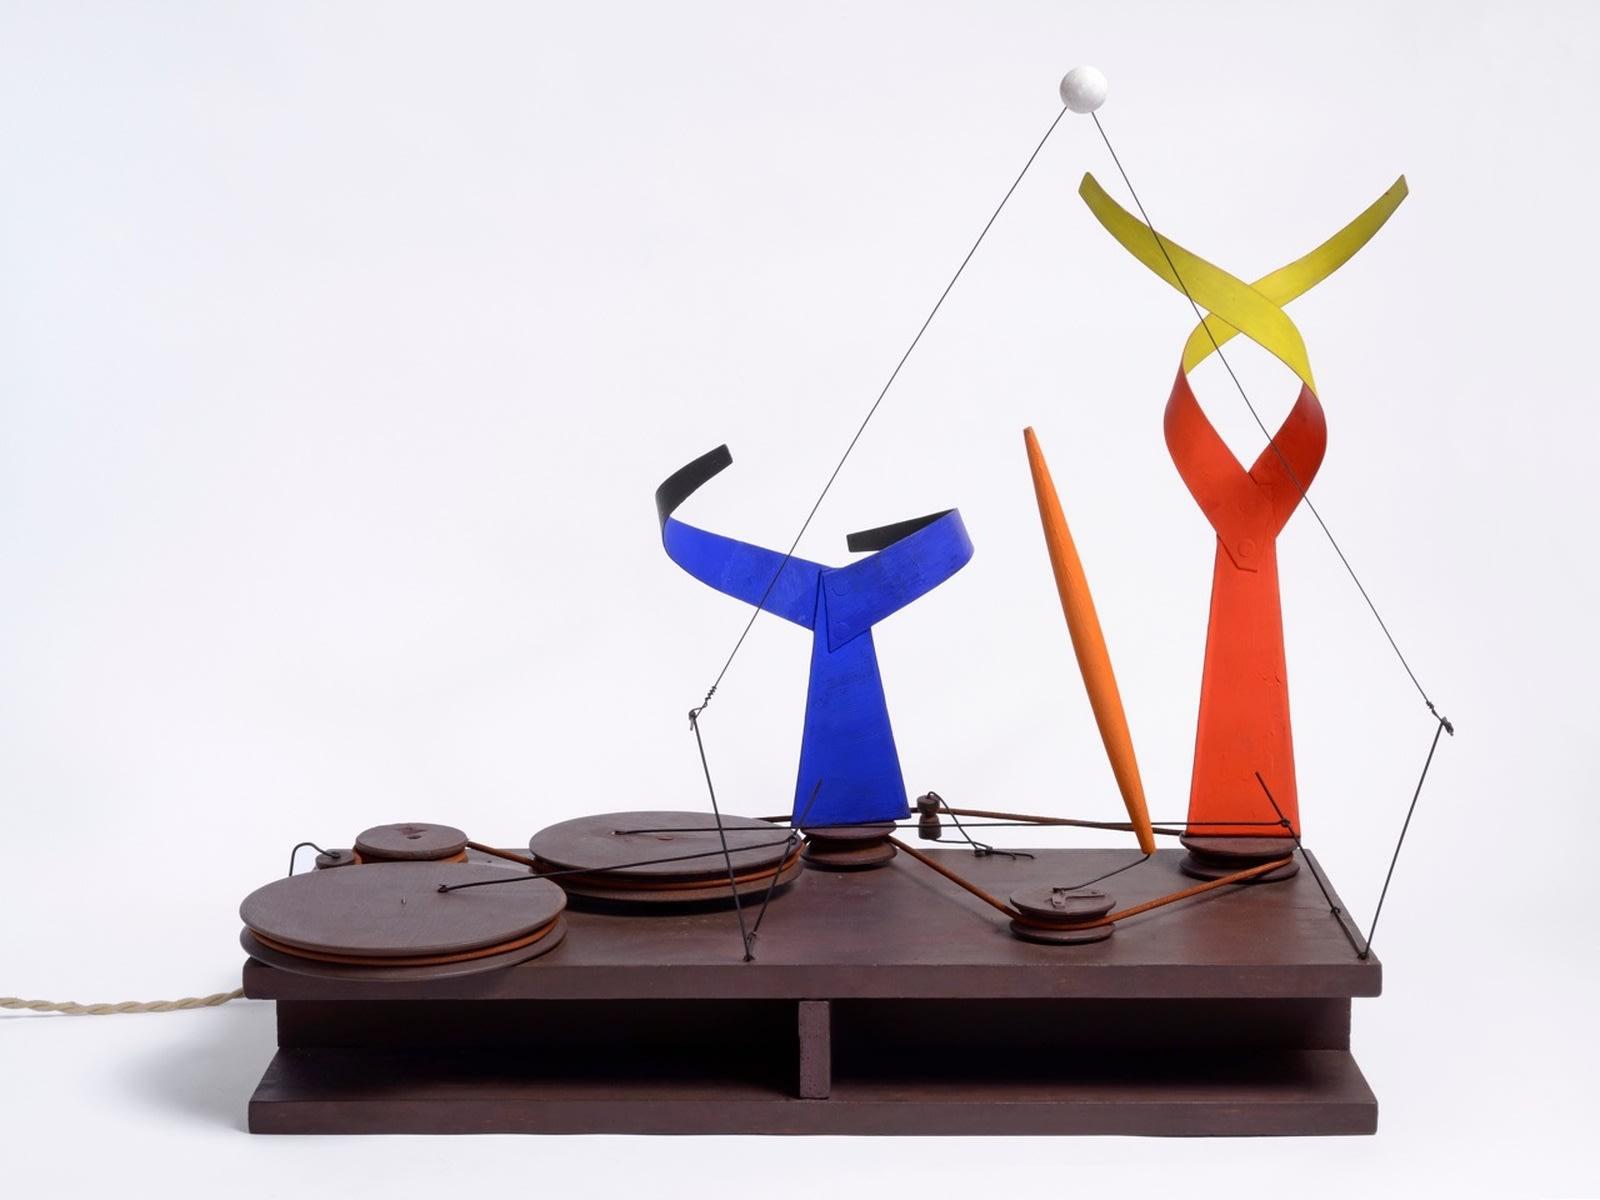 Alexander Calder Dancers and Sphere (archives N° A00280) feuilles de métal, bois peint, fil de fer et moteur (110 volts) H55 x L65 x P29 cm (disponible) H21 x W25 x D11 in.